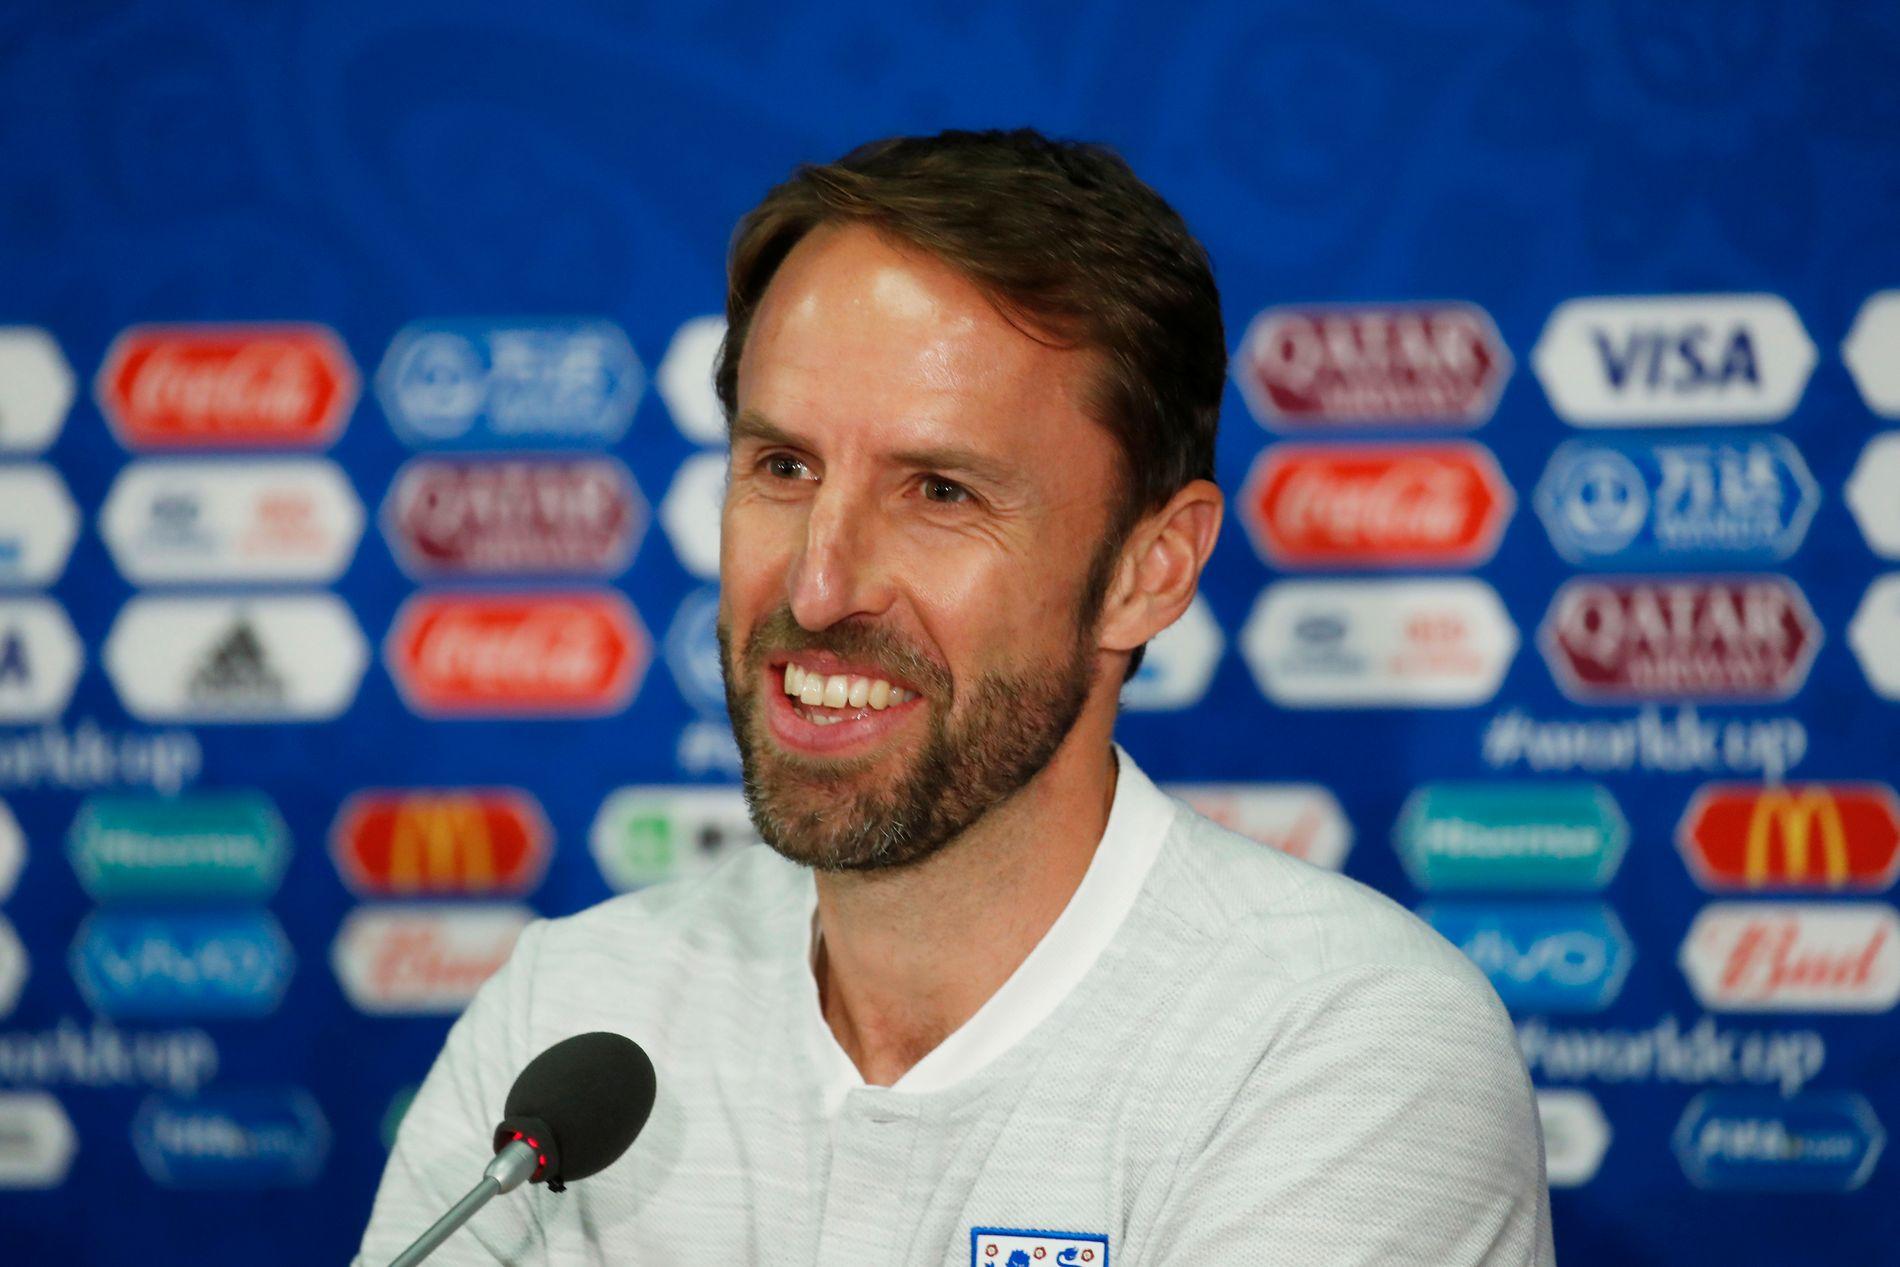 KAN HAN GJØRE DET? Gareth Southgate er mannen som har ansvaret for de engelske VM-drømmene denne sommeren.